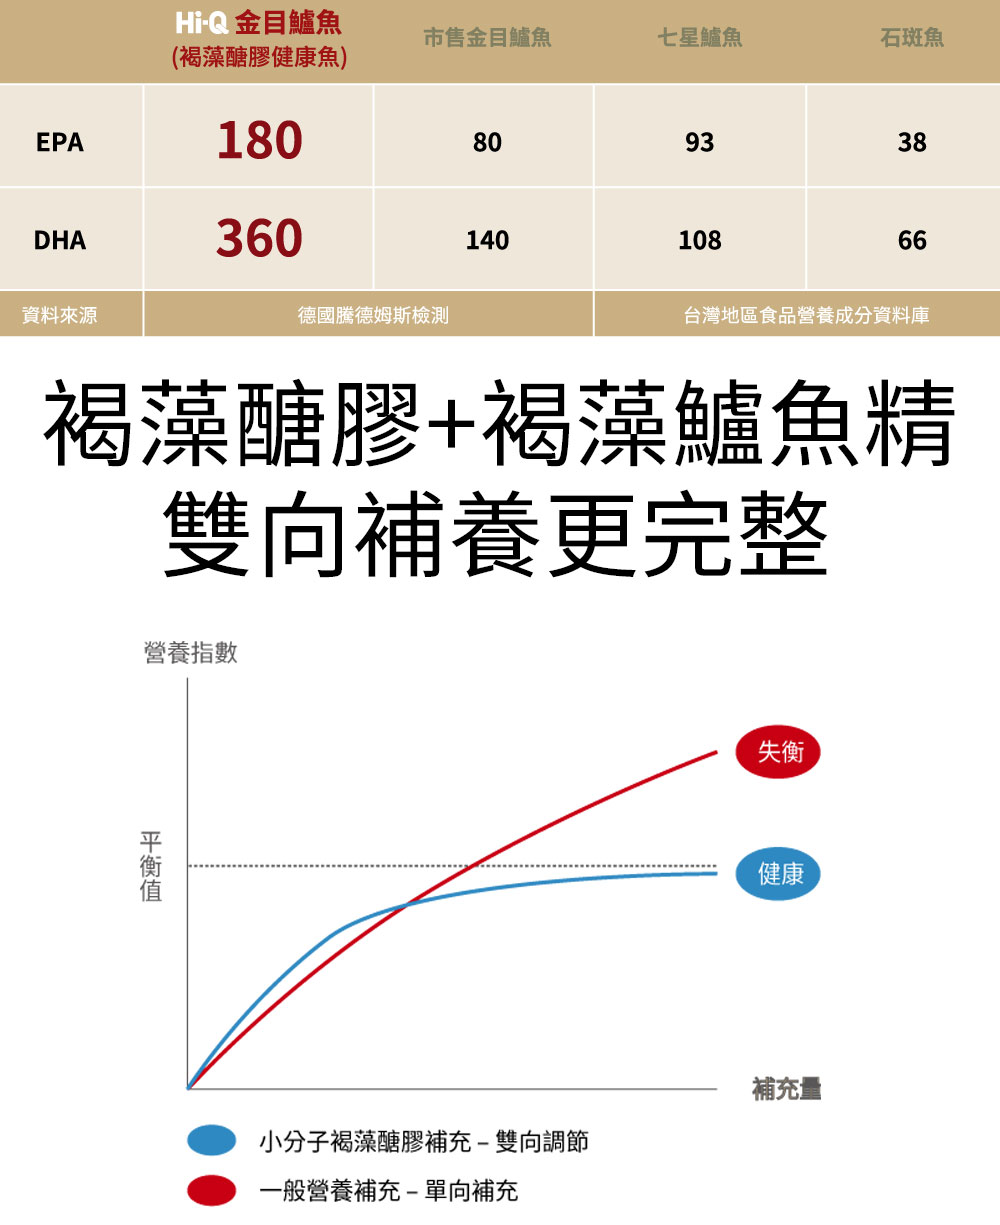 褐藻醣膠健康優先-褐藻鱸魚精超越市售6倍